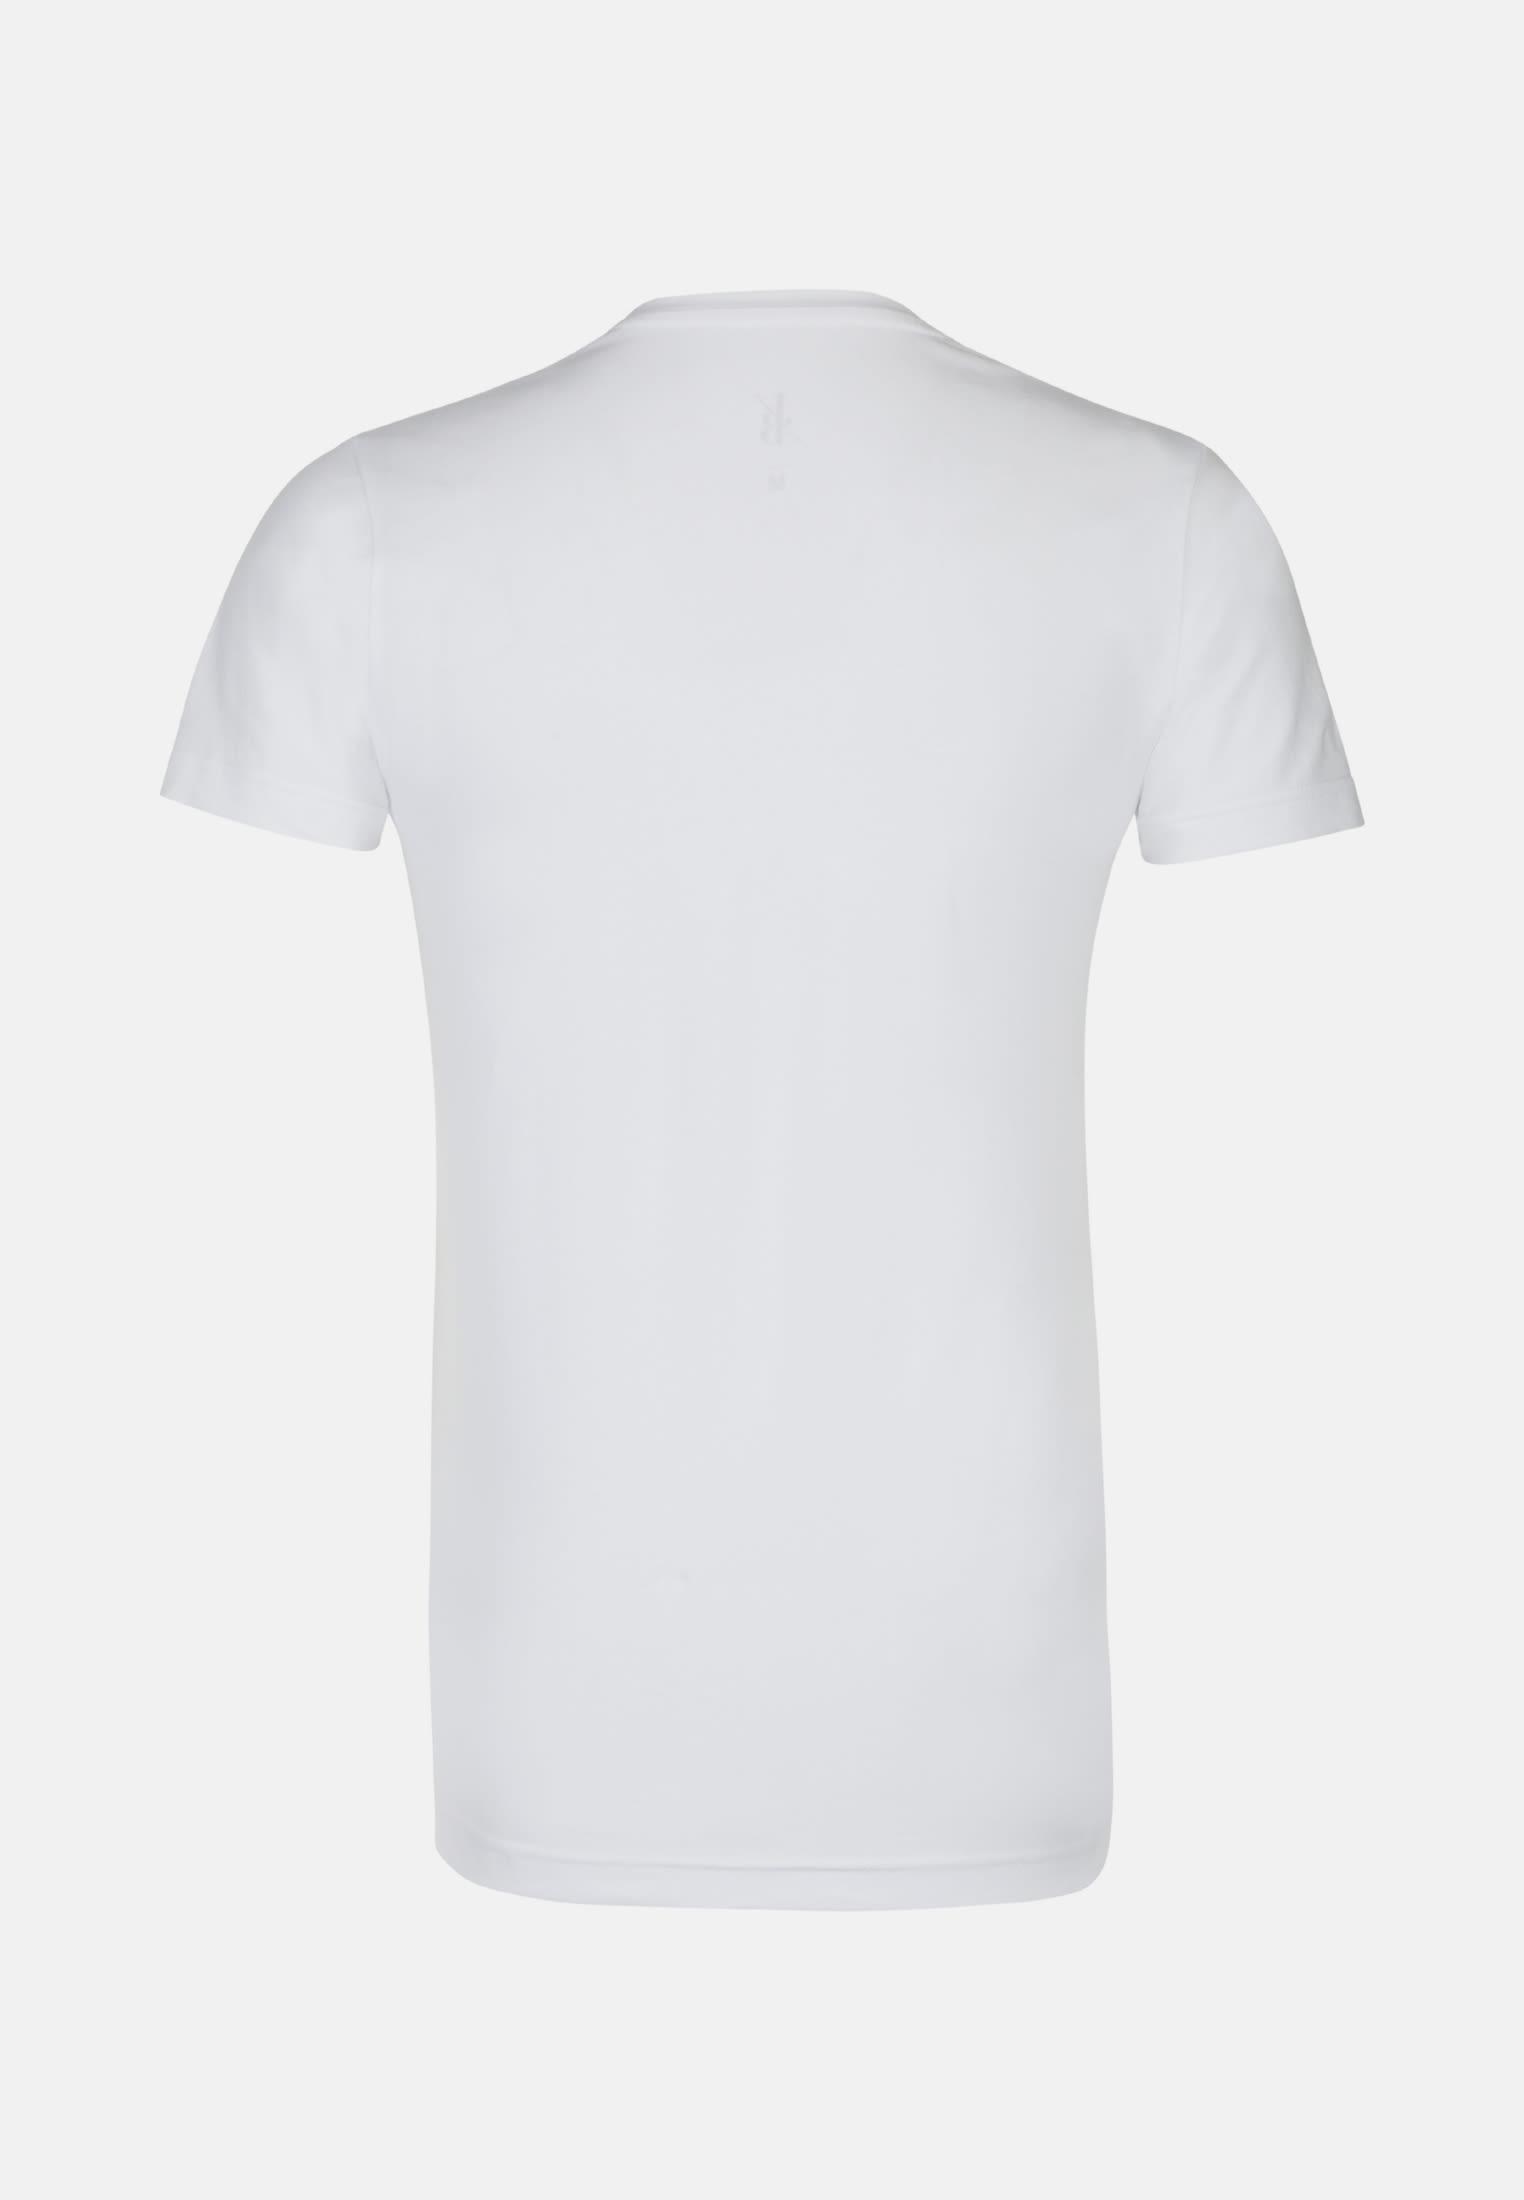 Rundhals T-Shirt aus Baumwollmischung in Weiß |  Jacques Britt Onlineshop